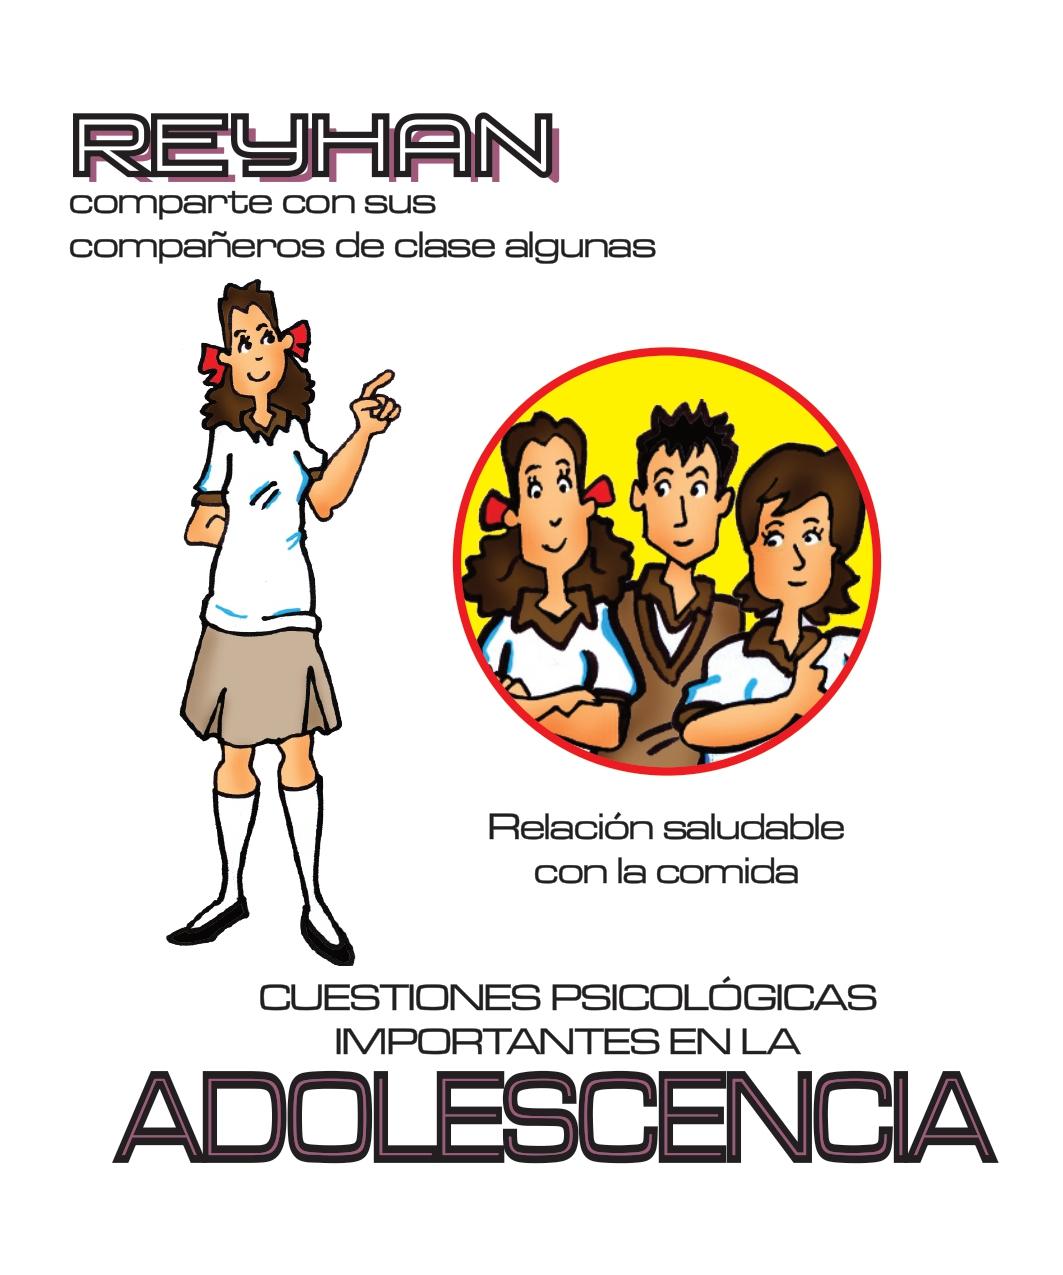 Psicología adolescentes Reyhan cap1 digital_page-0004